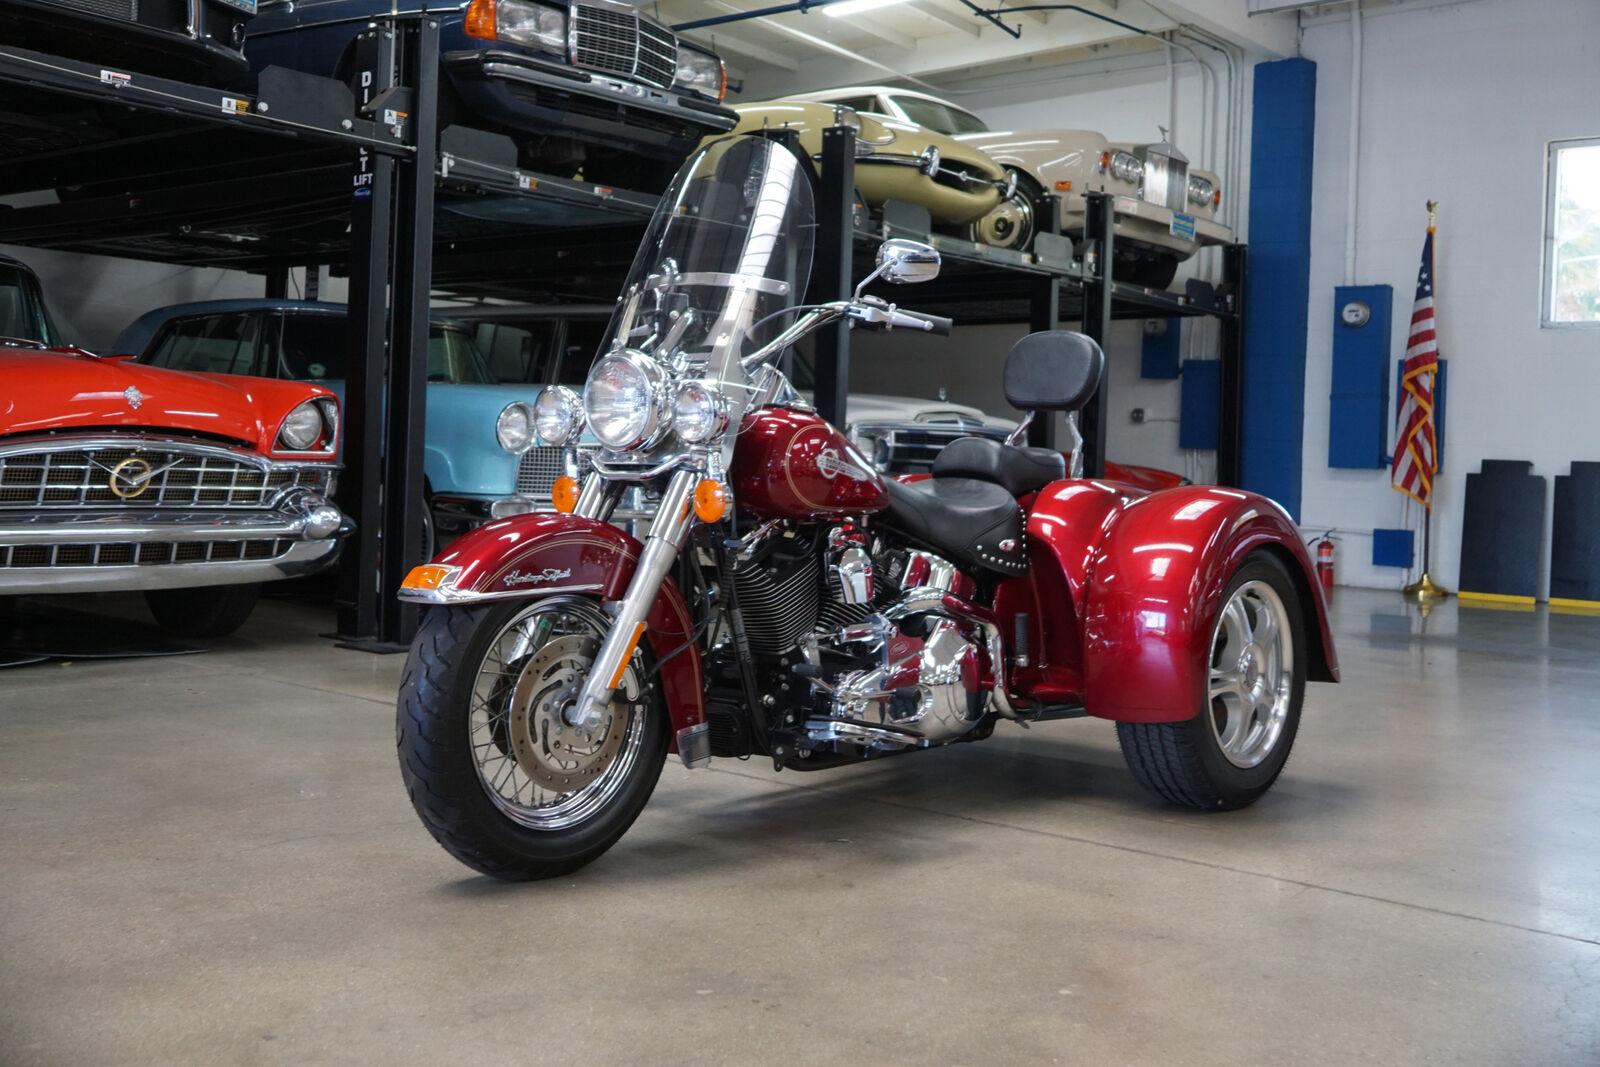 2004 Harley Davidson FLSTCI Heritage Classic Trike with 827 original mi